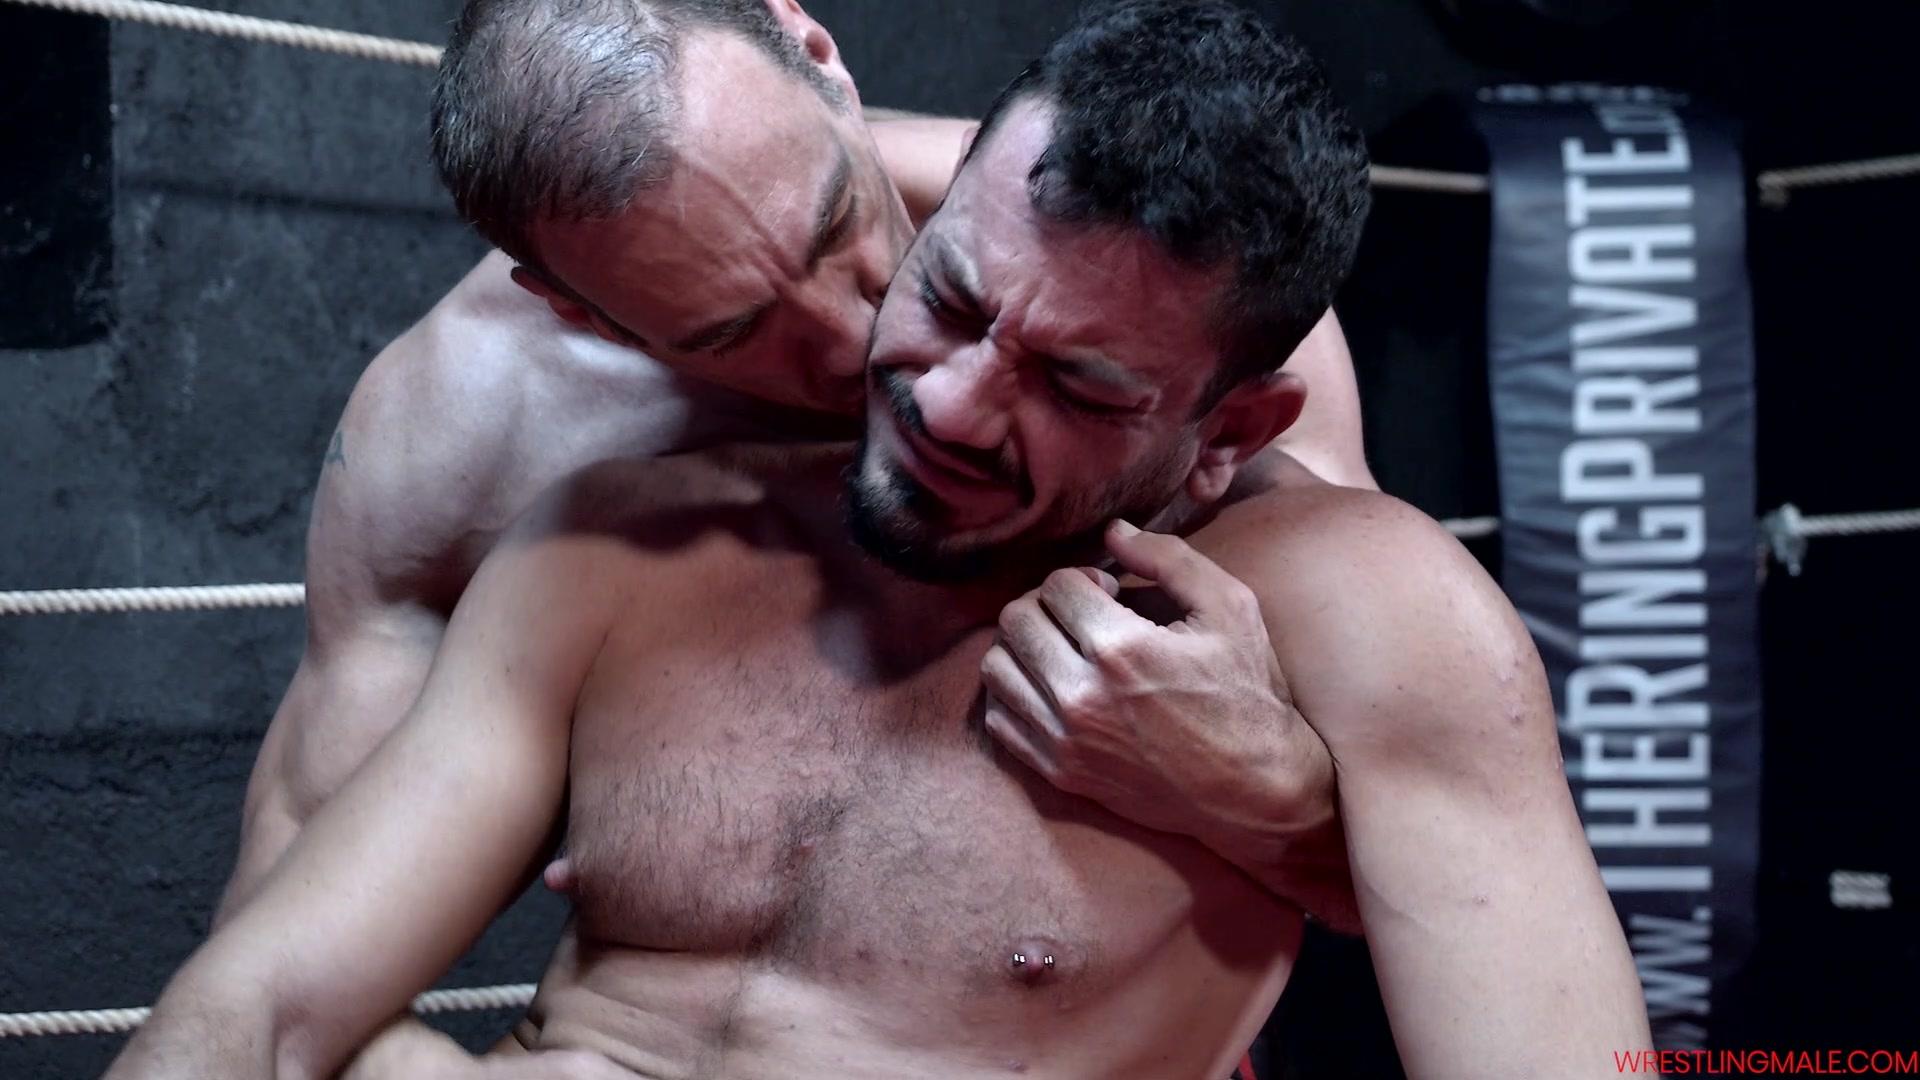 97-wrestlingmale-Deal-1-For-JackSpeed.Etienne-Joe-60